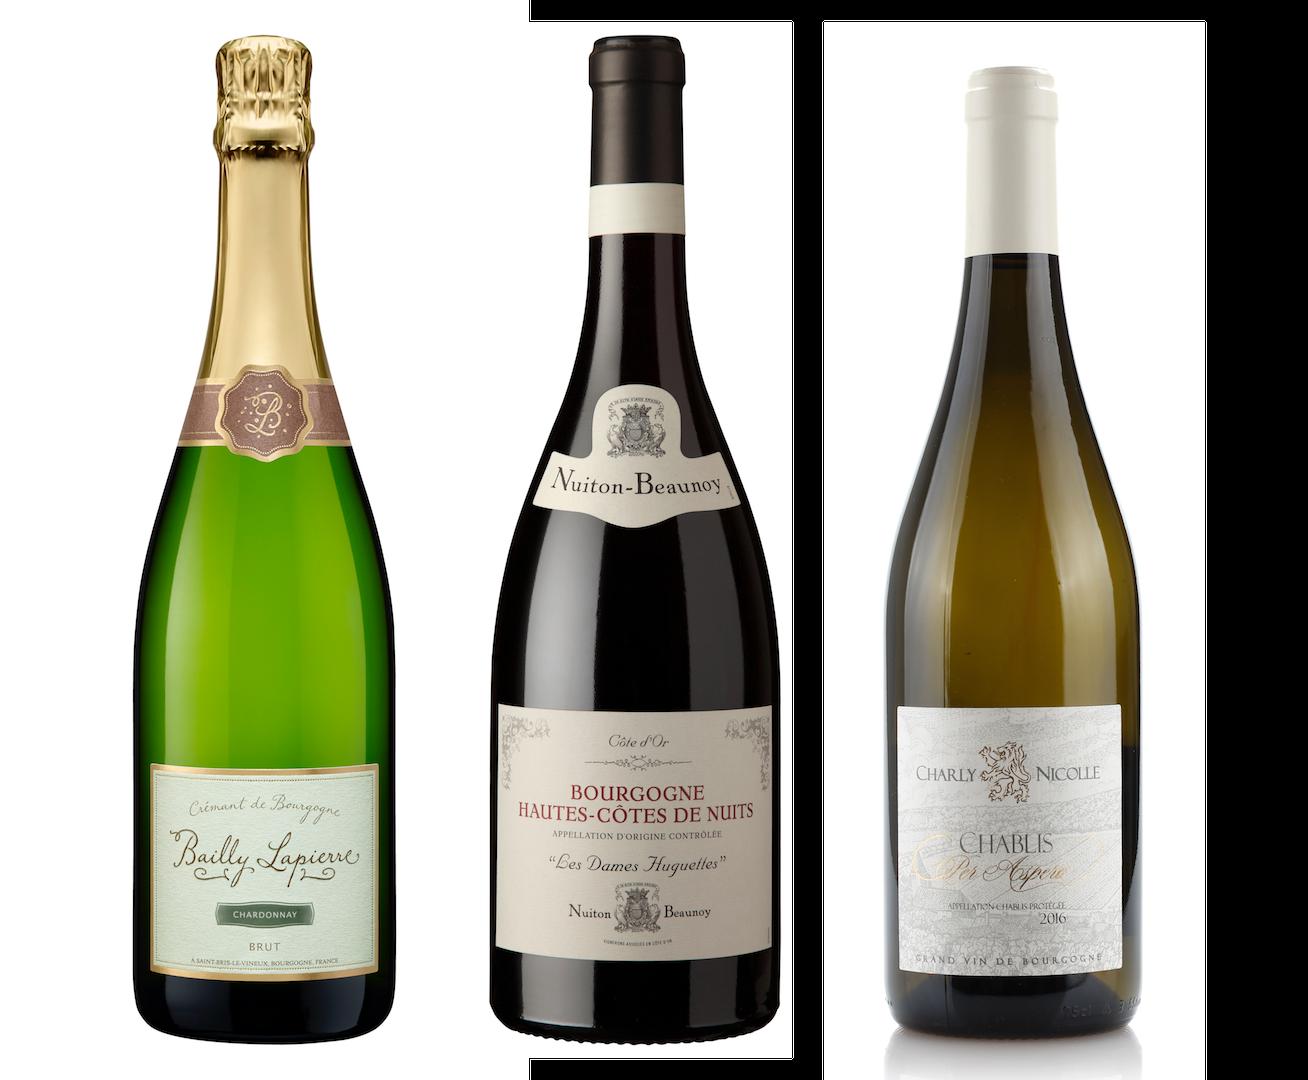 Coffret 3 bouteilles<br><b> 1 rouge + 1 blanc + 1 Crémant</b>